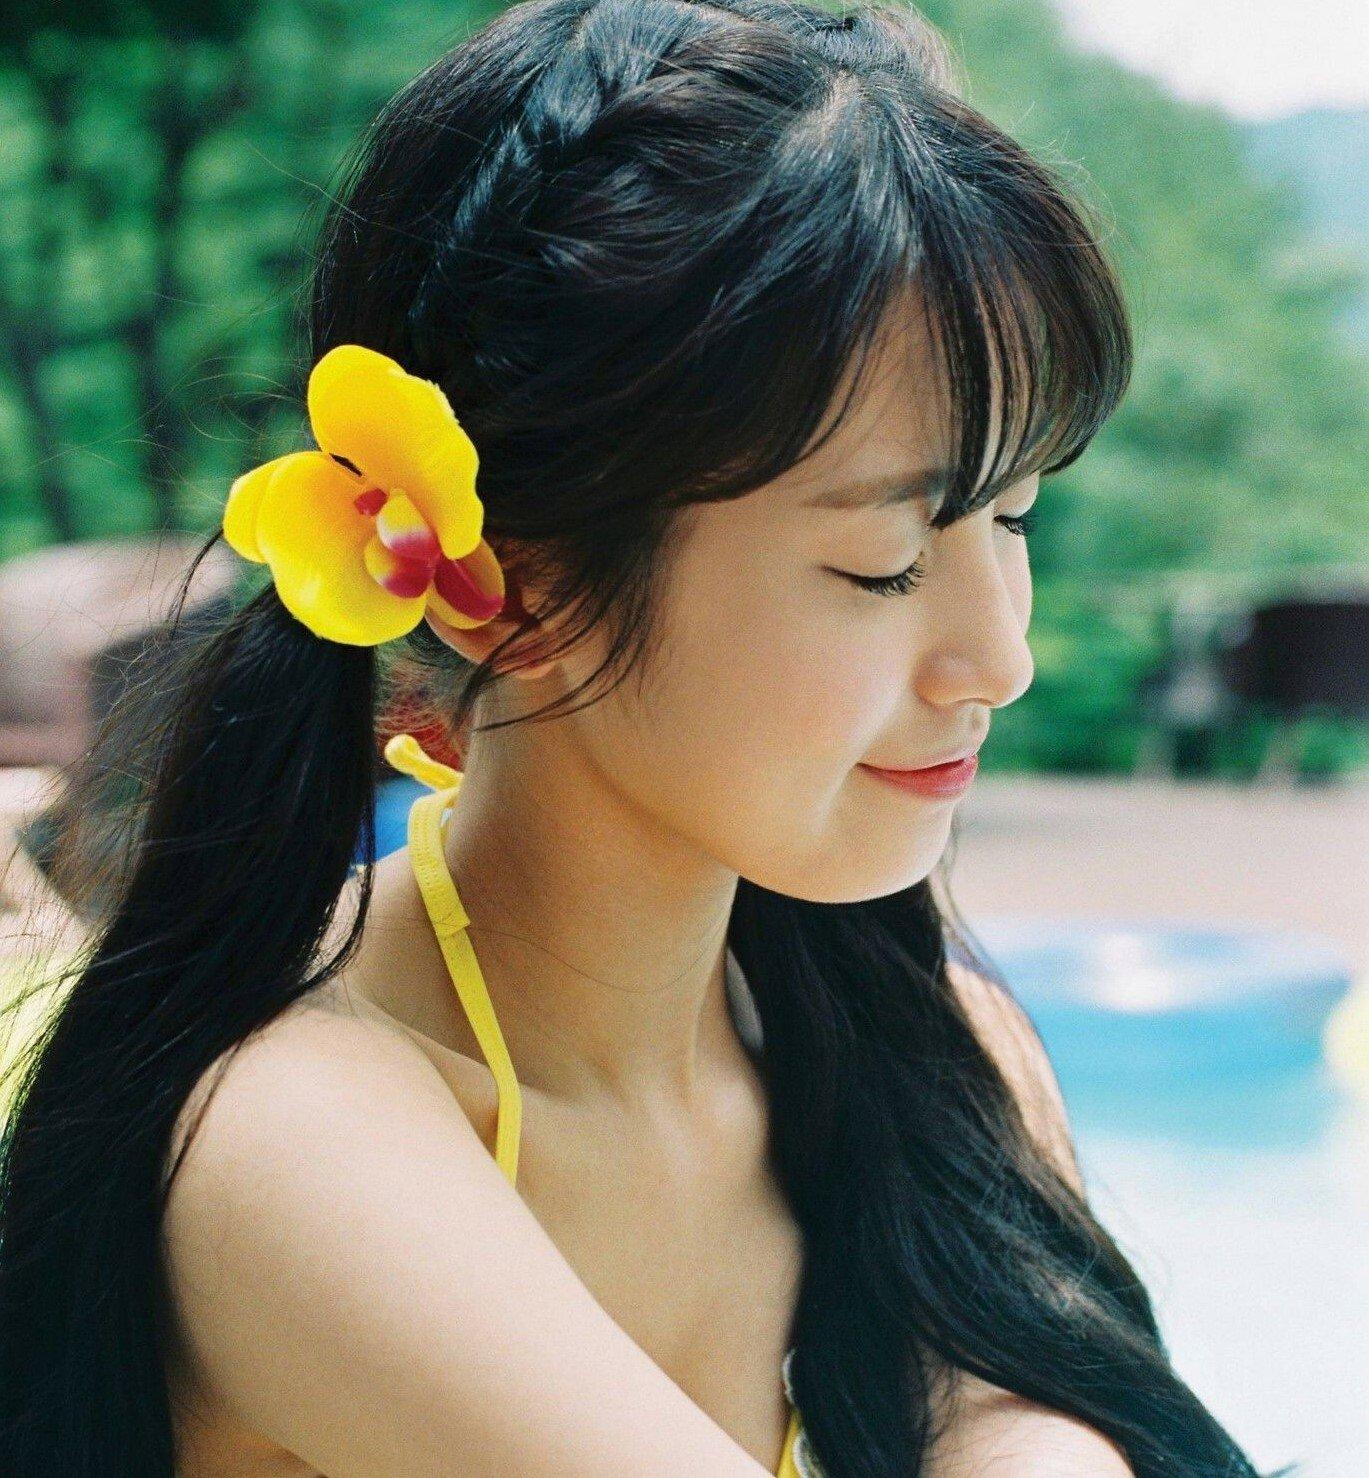 5 kiểu tóc bím cực hợp cạ với nón đi biển nhất định phải thử hè này